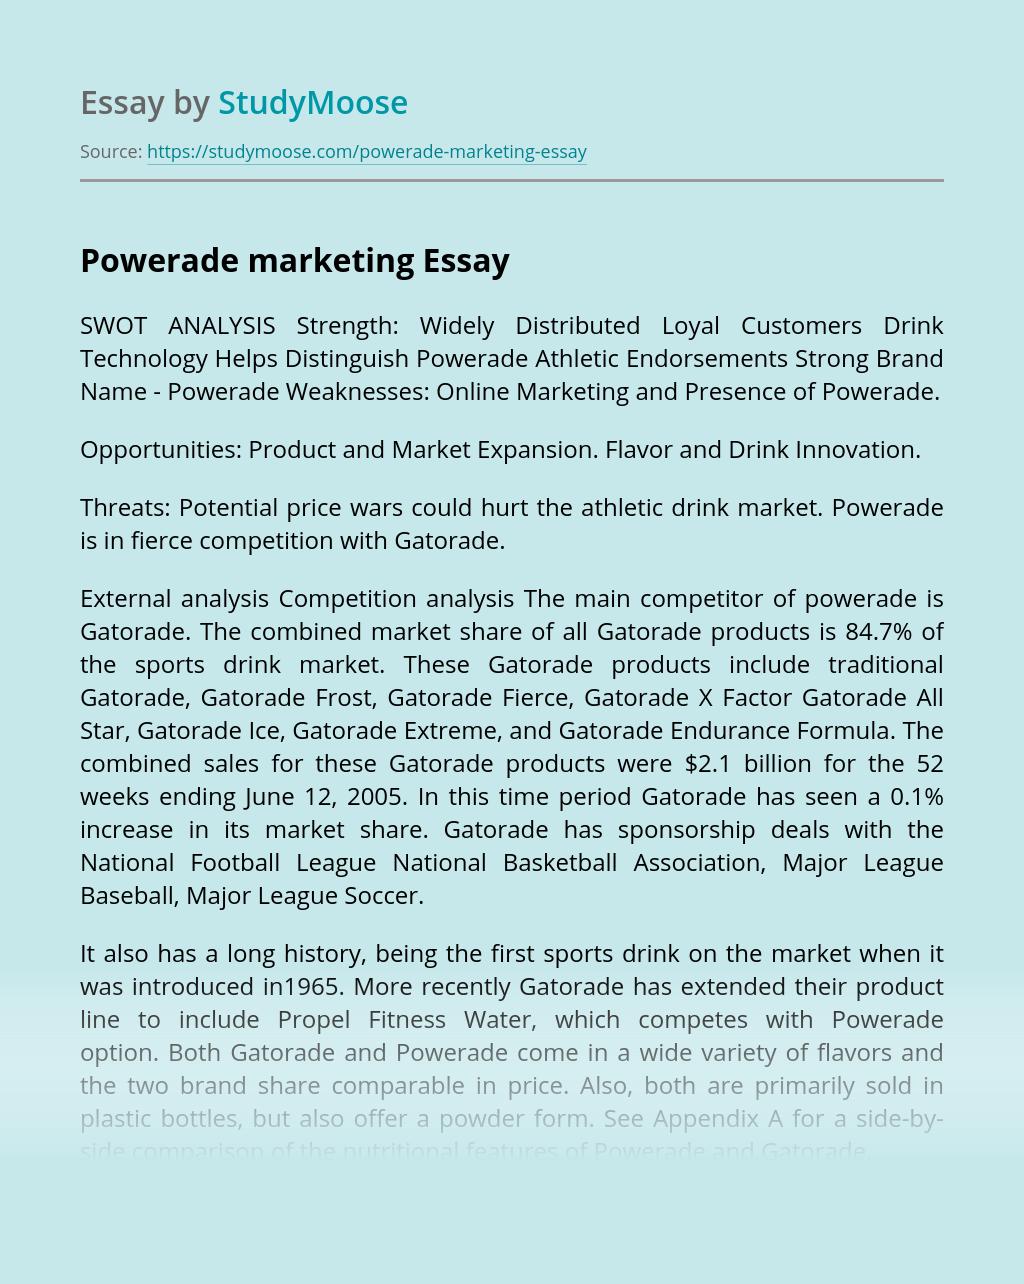 Powerade marketing